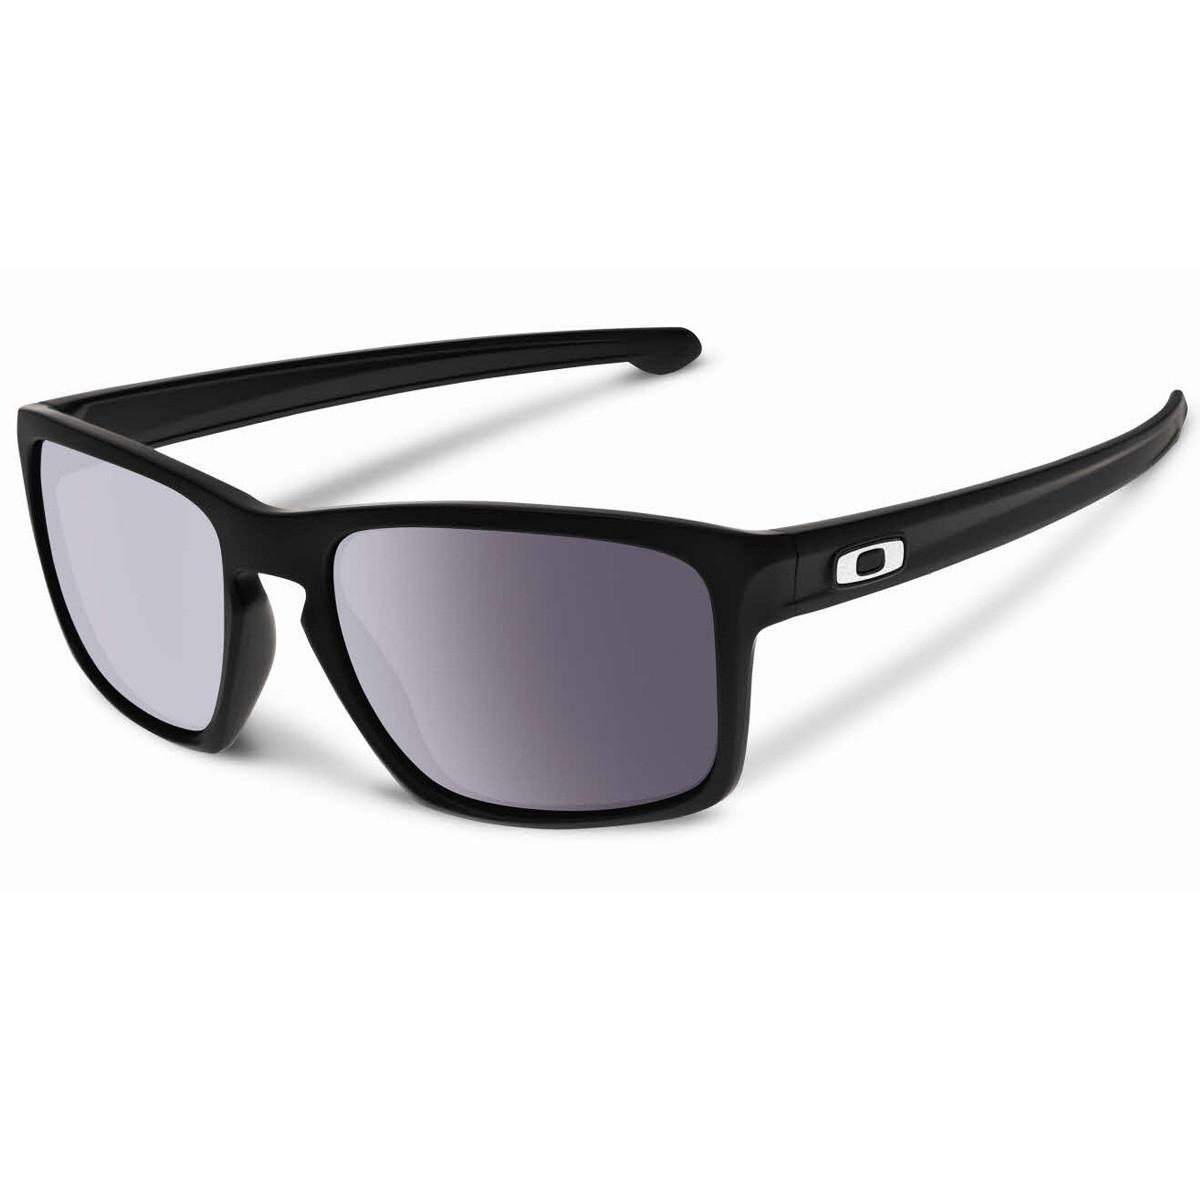 a963139c6028a Óculos Oakley Sliver Preto Fosco Lente Warm Grey ref OO9262-01